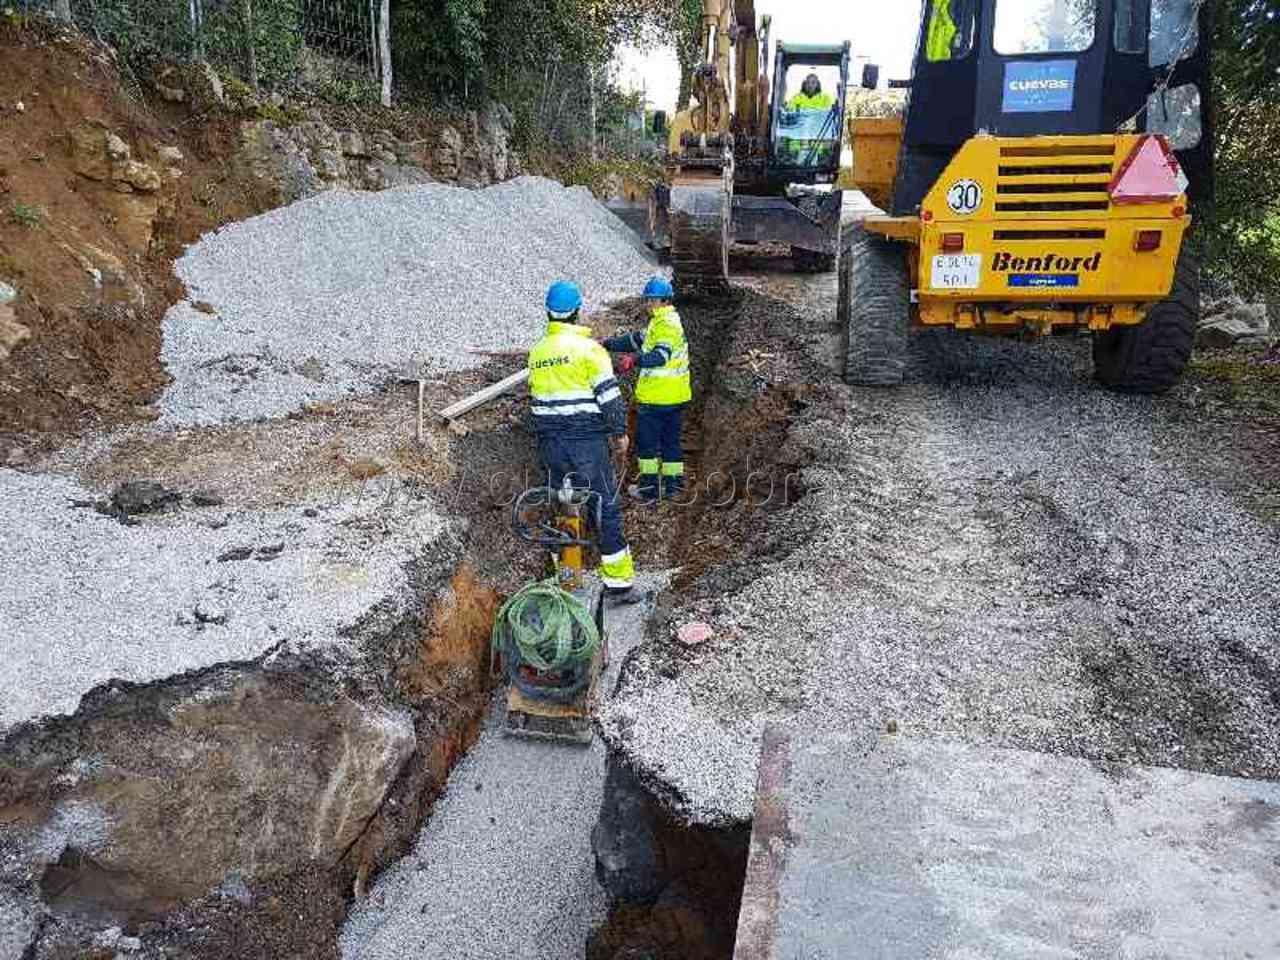 Saneamiento en San Martín y conexión con Solamaza en Isla